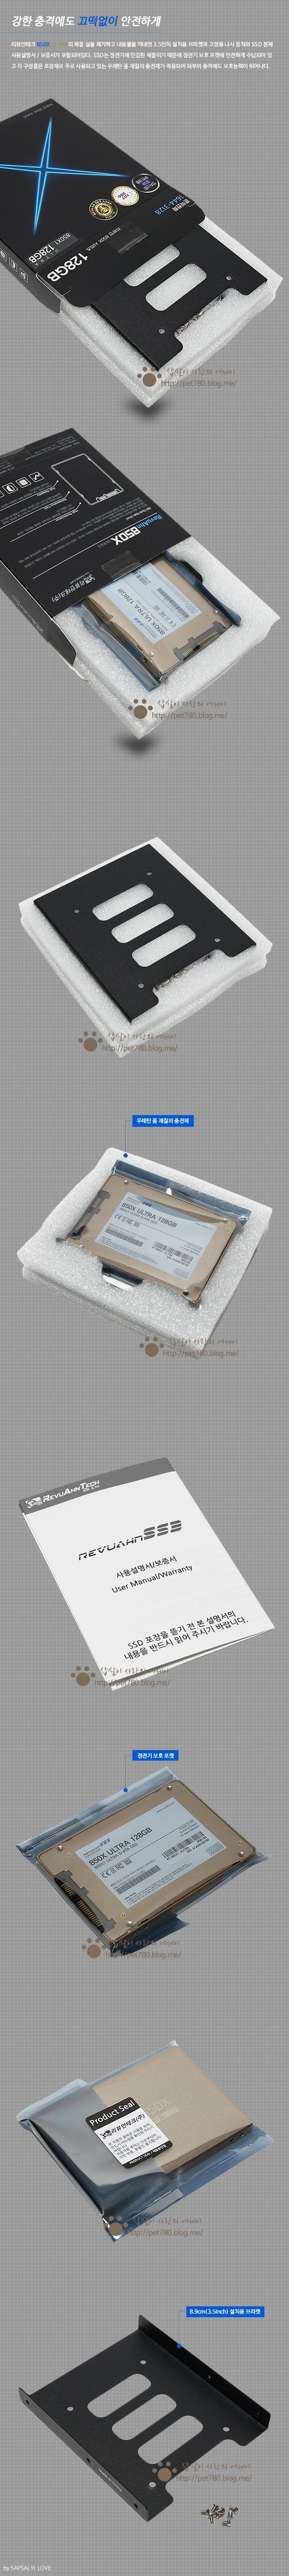 리뷰안테크 SSD 패키지2 850X ULTRA.jpg